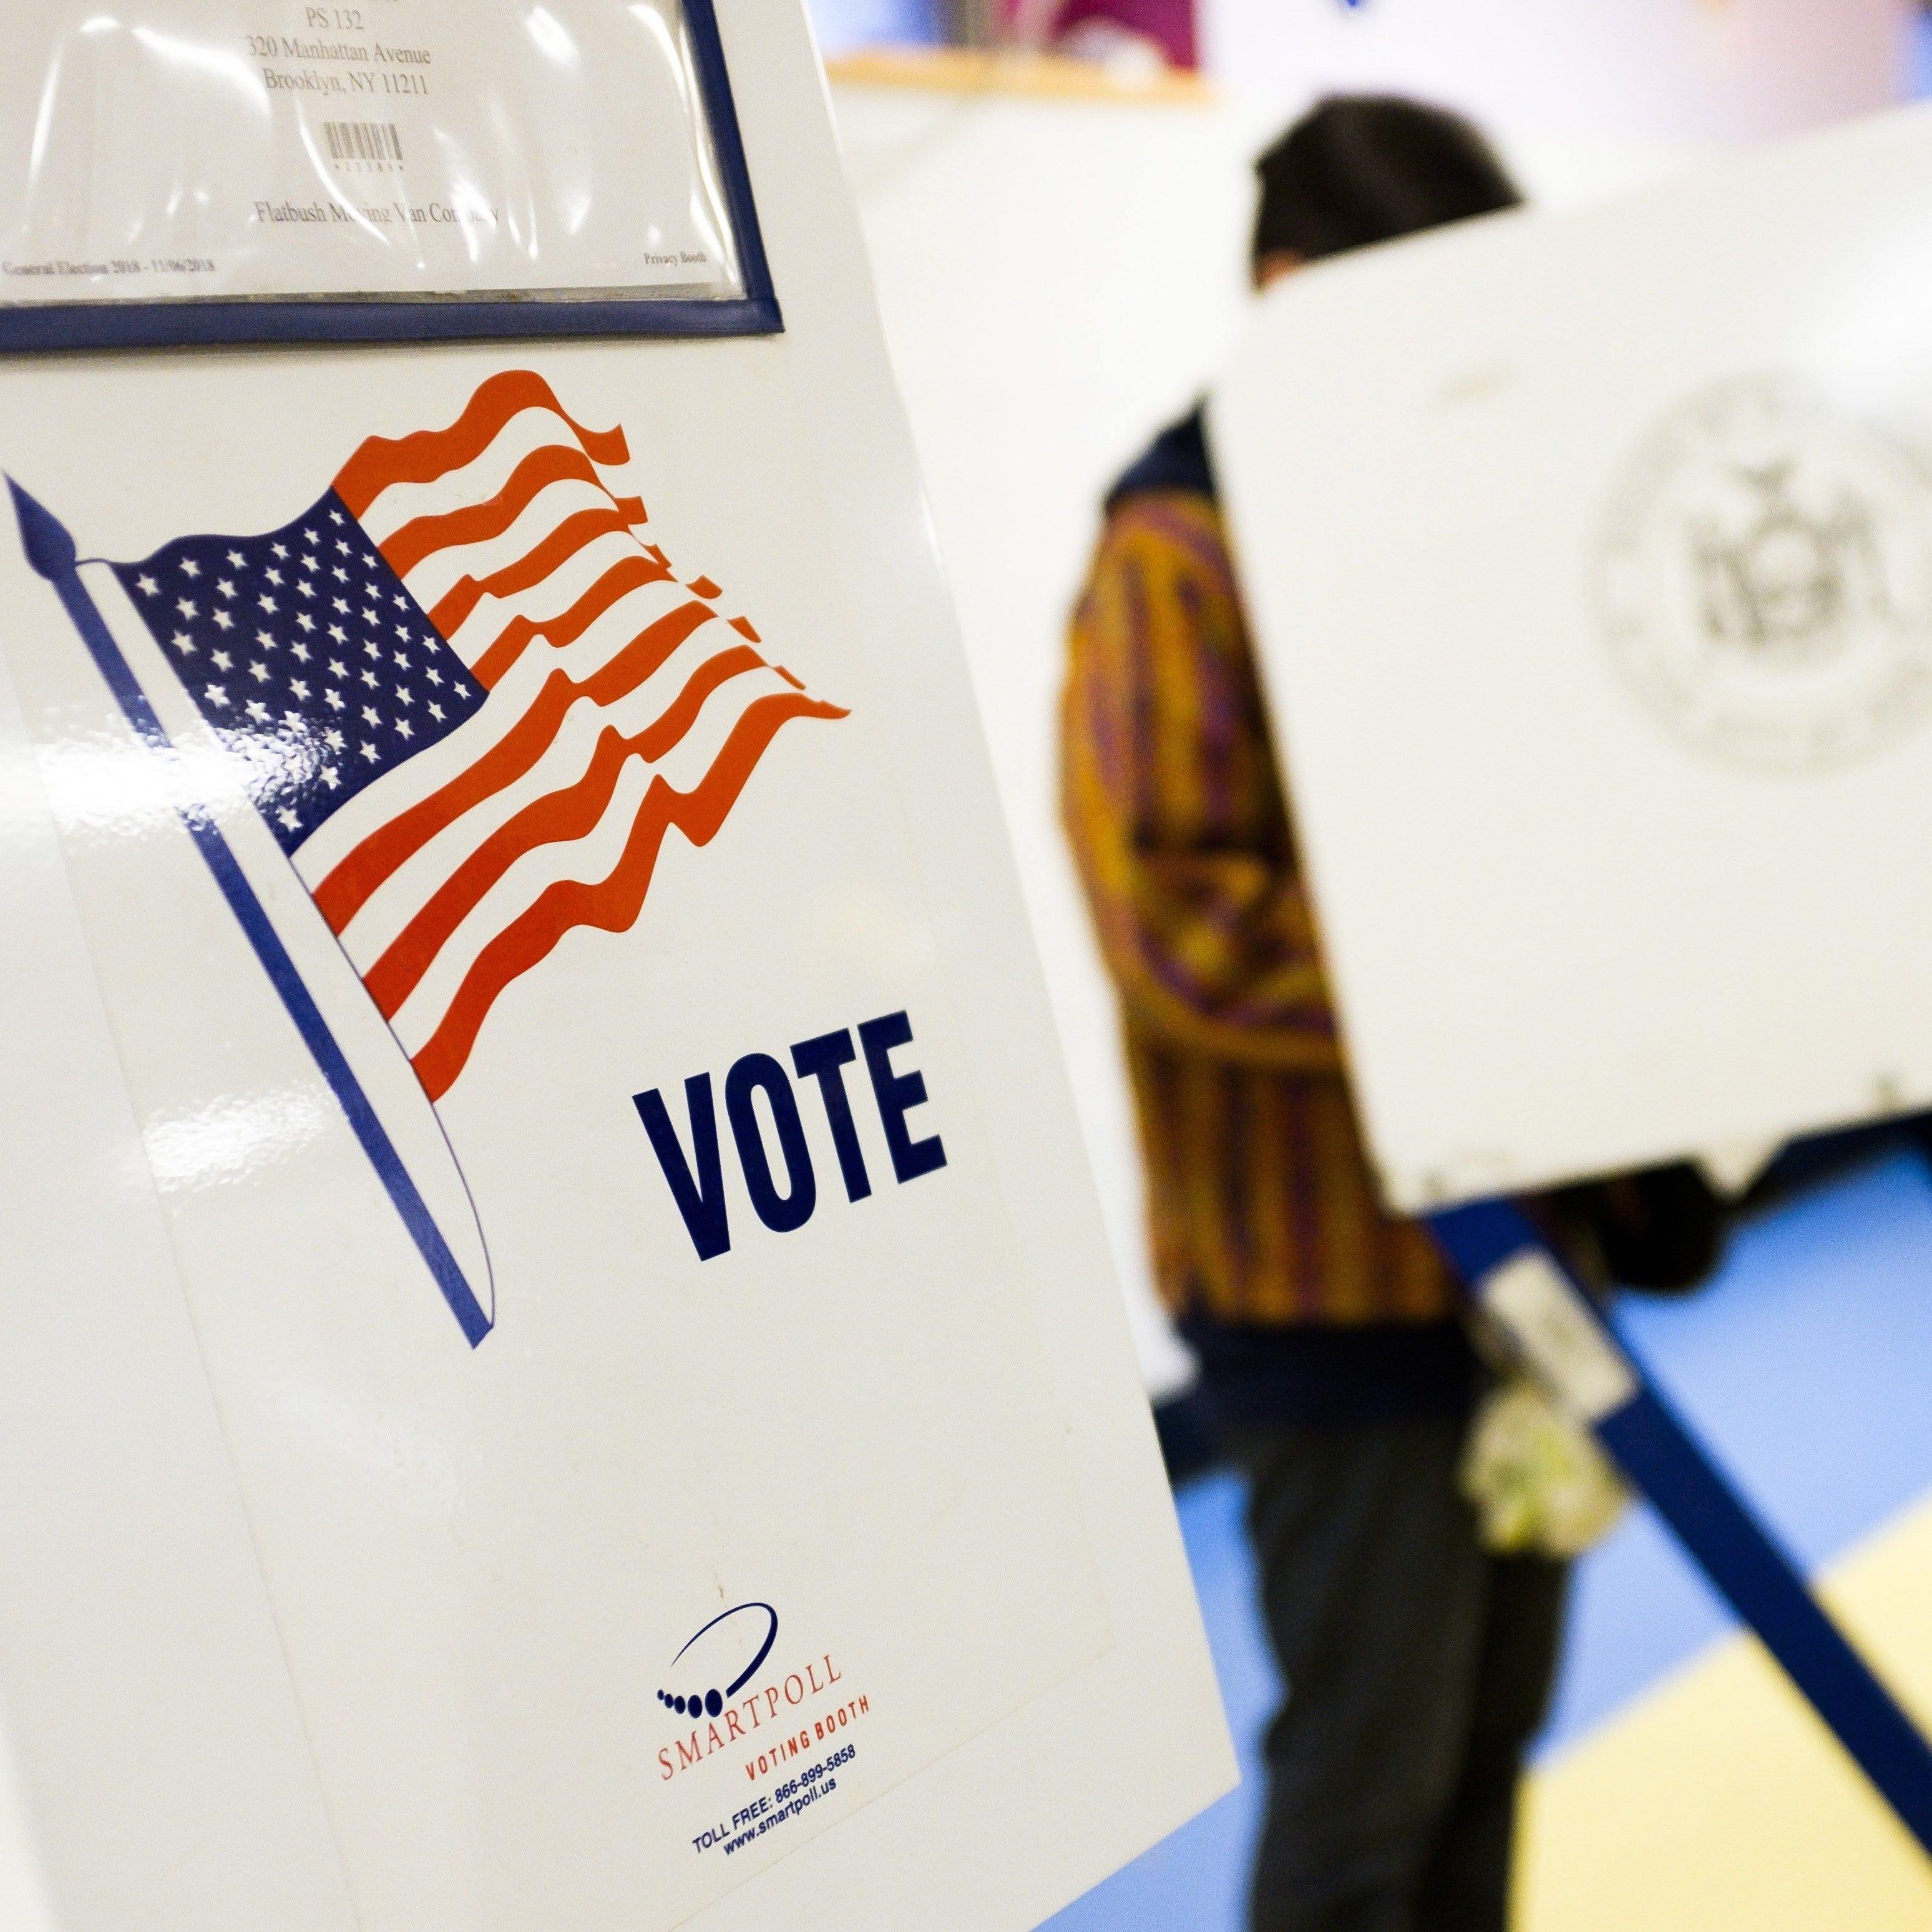 Hoy se lleva a cabo la elección de desempate ¿Cómo puedo votar?